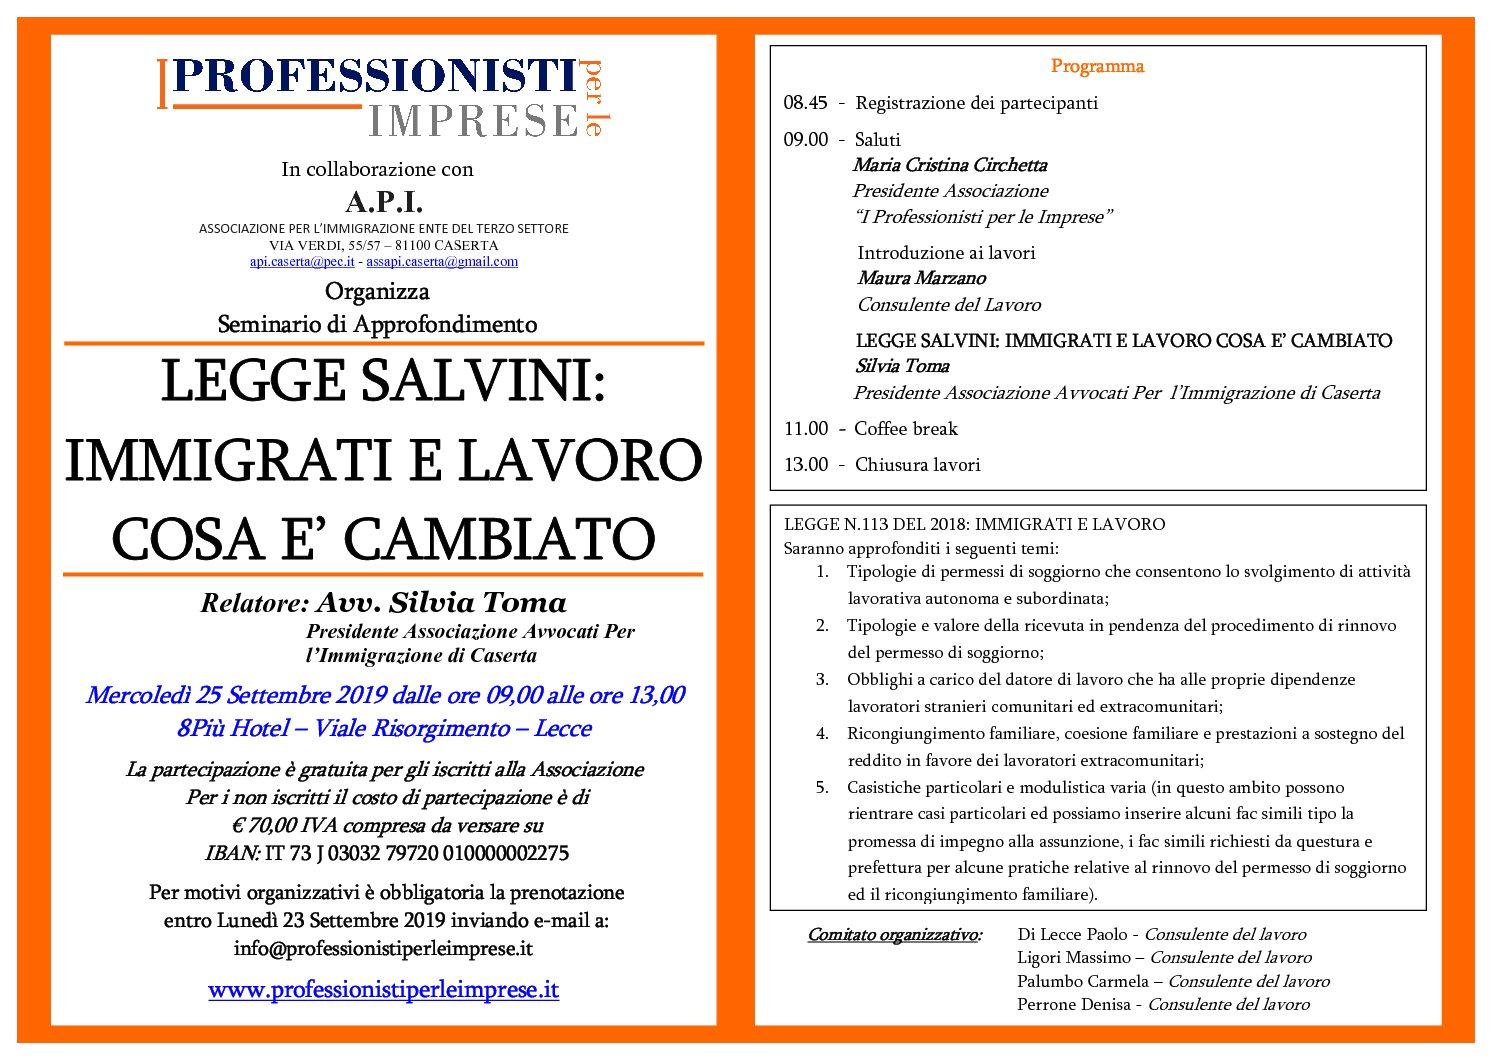 Legge Salvini: Immigrati e Lavoro Cosa è Cambiato - Mercoledì 25 settembre 2019